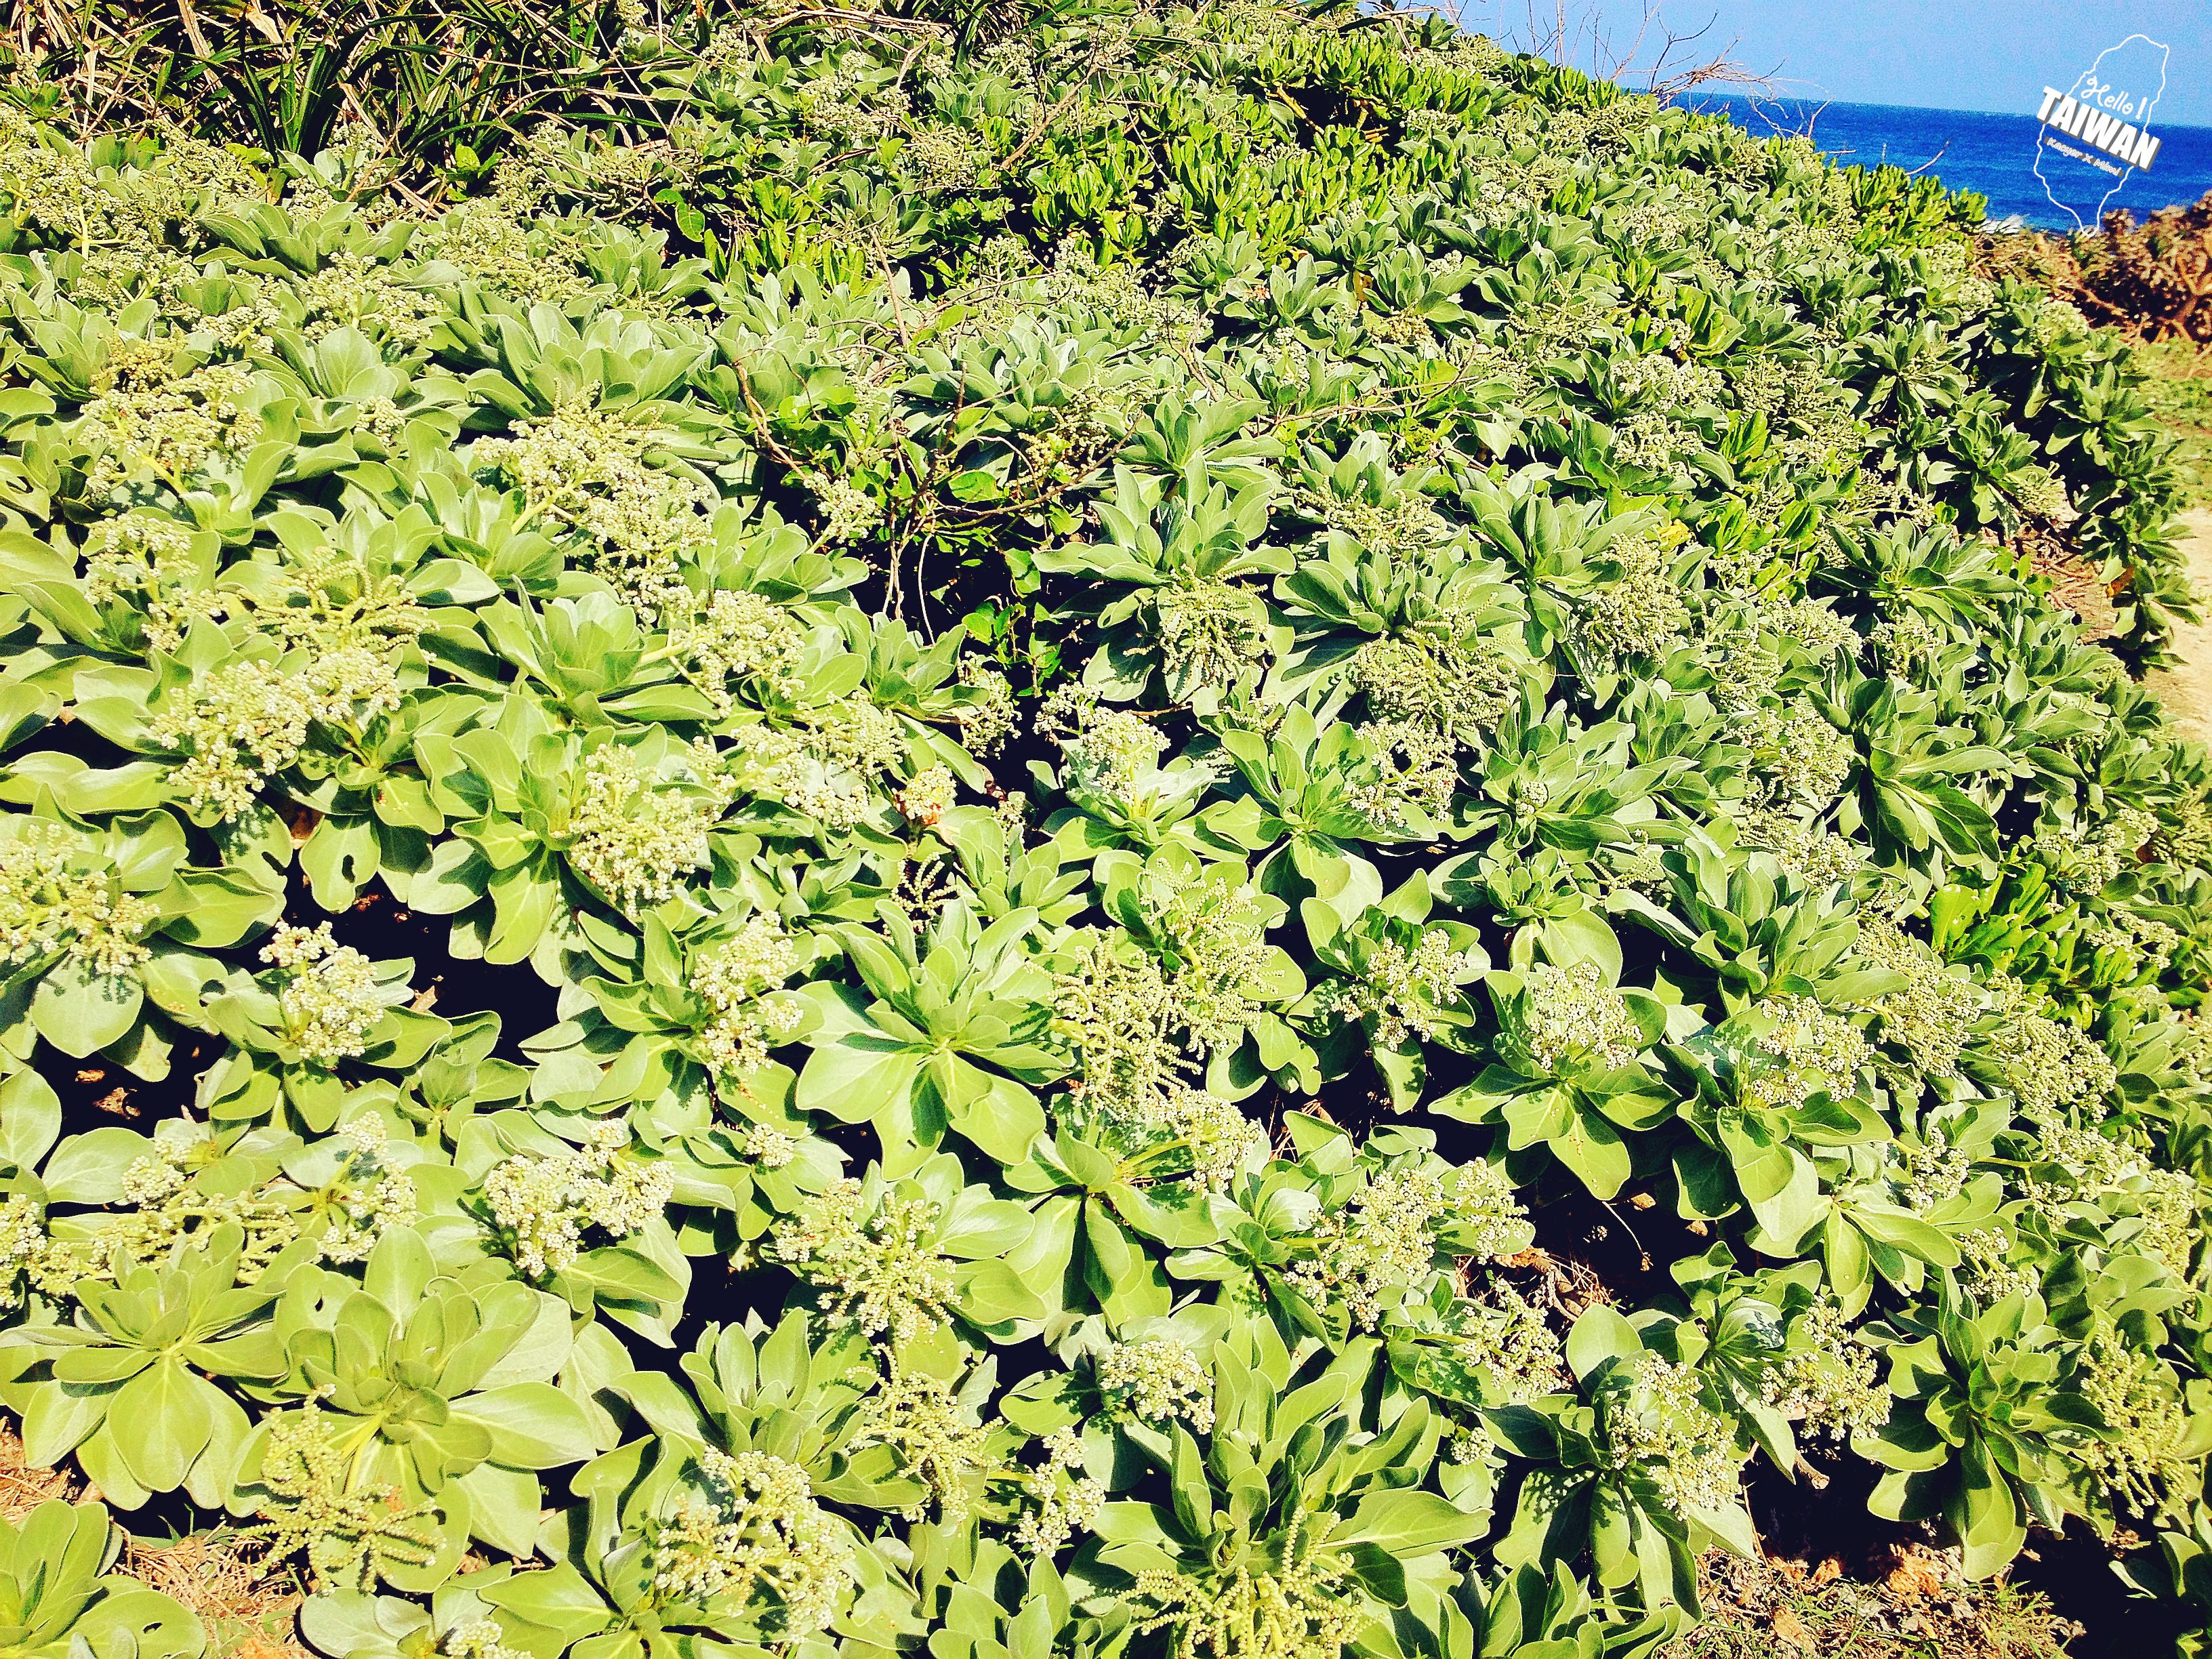 壁纸 成片种植 风景 植物 种植基地 桌面 3264_2448